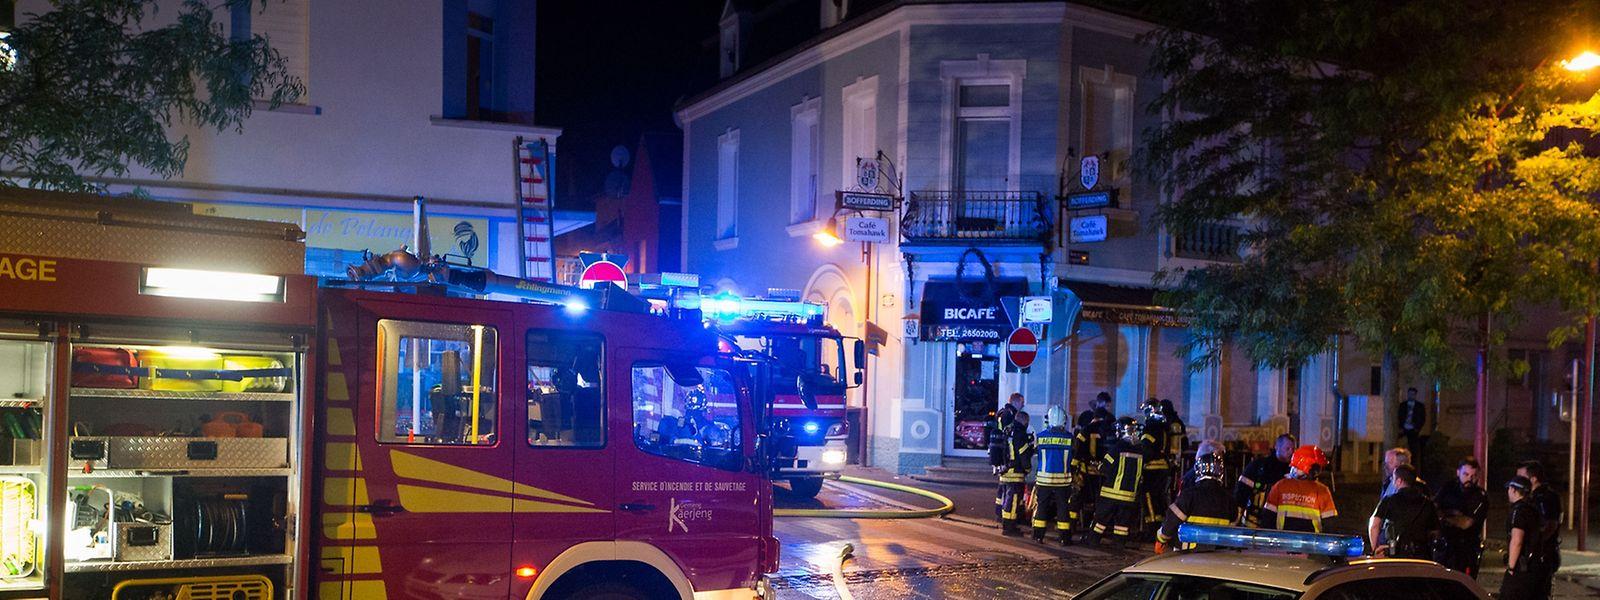 Gegen 2.15 Uhr war das Feuer ausgebrochen.